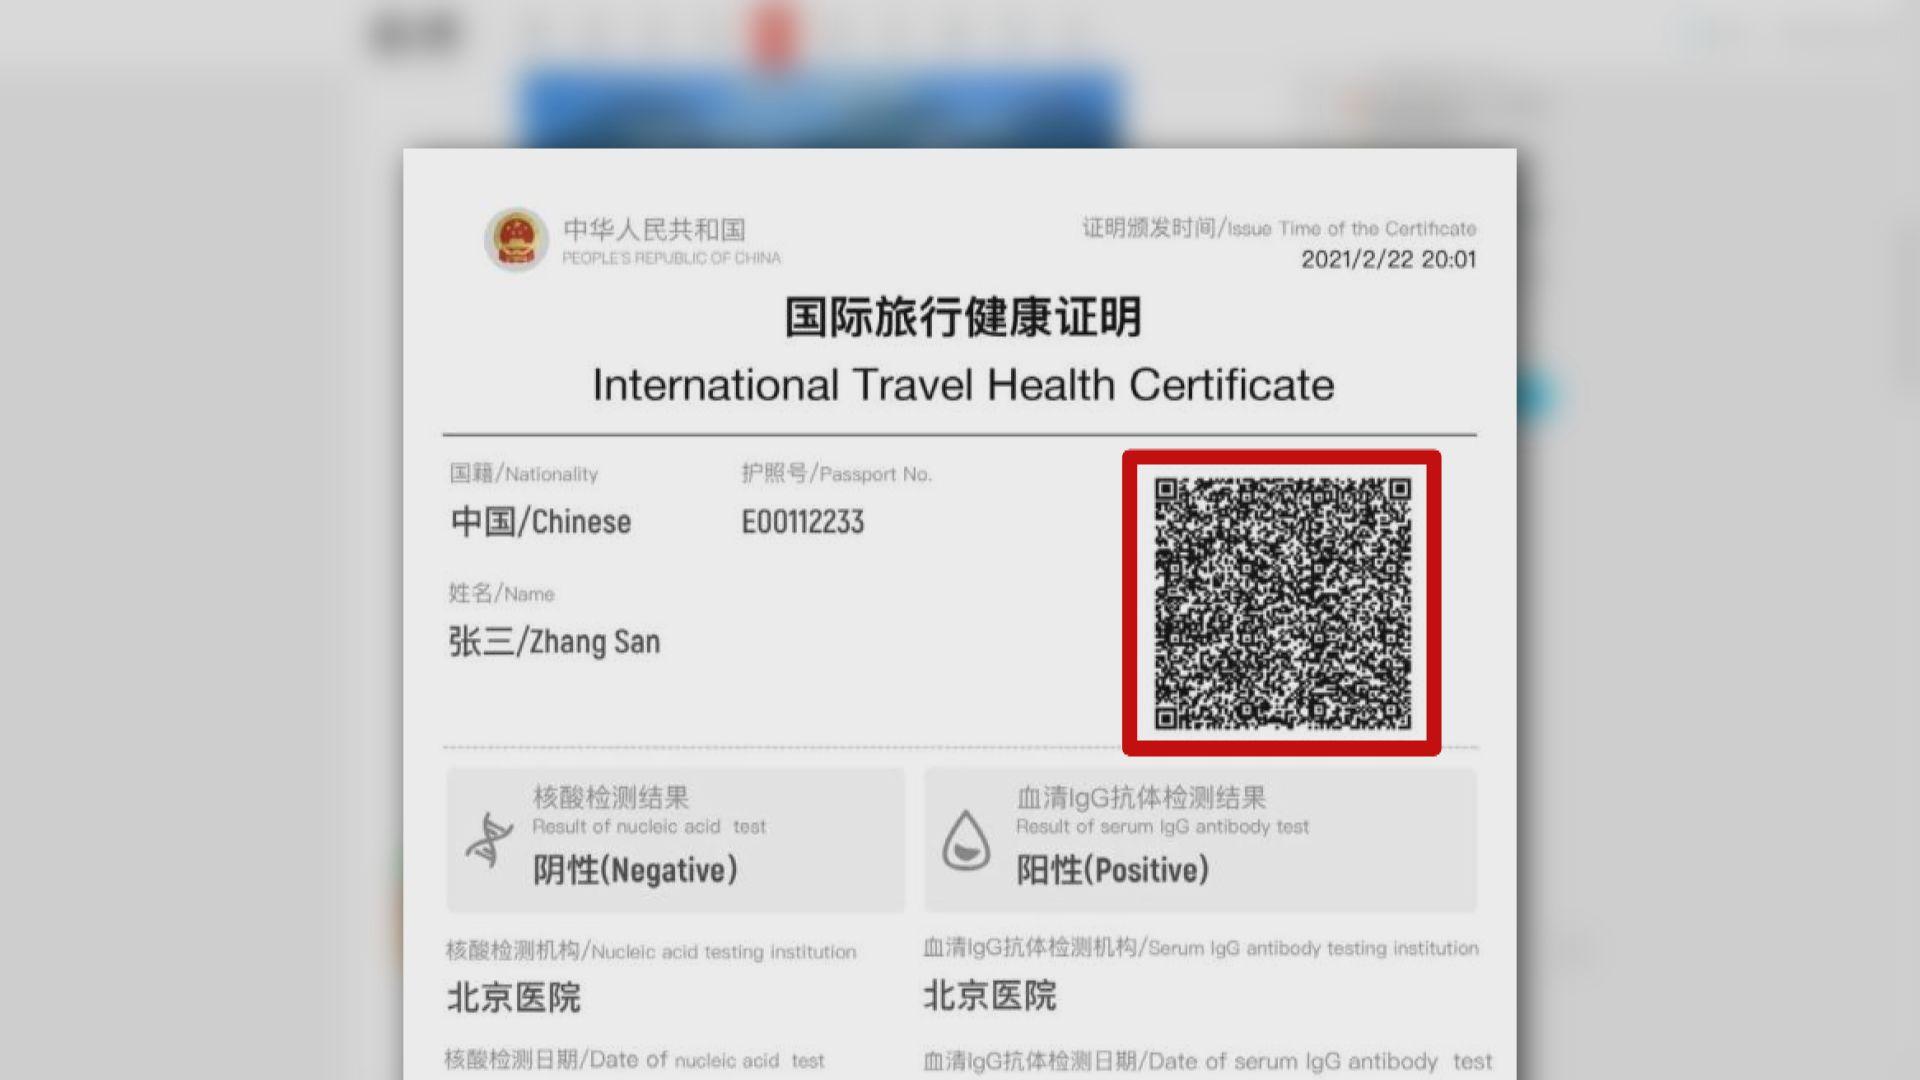 內地推國際旅行健康證明 展示檢測及接種疫苗資訊